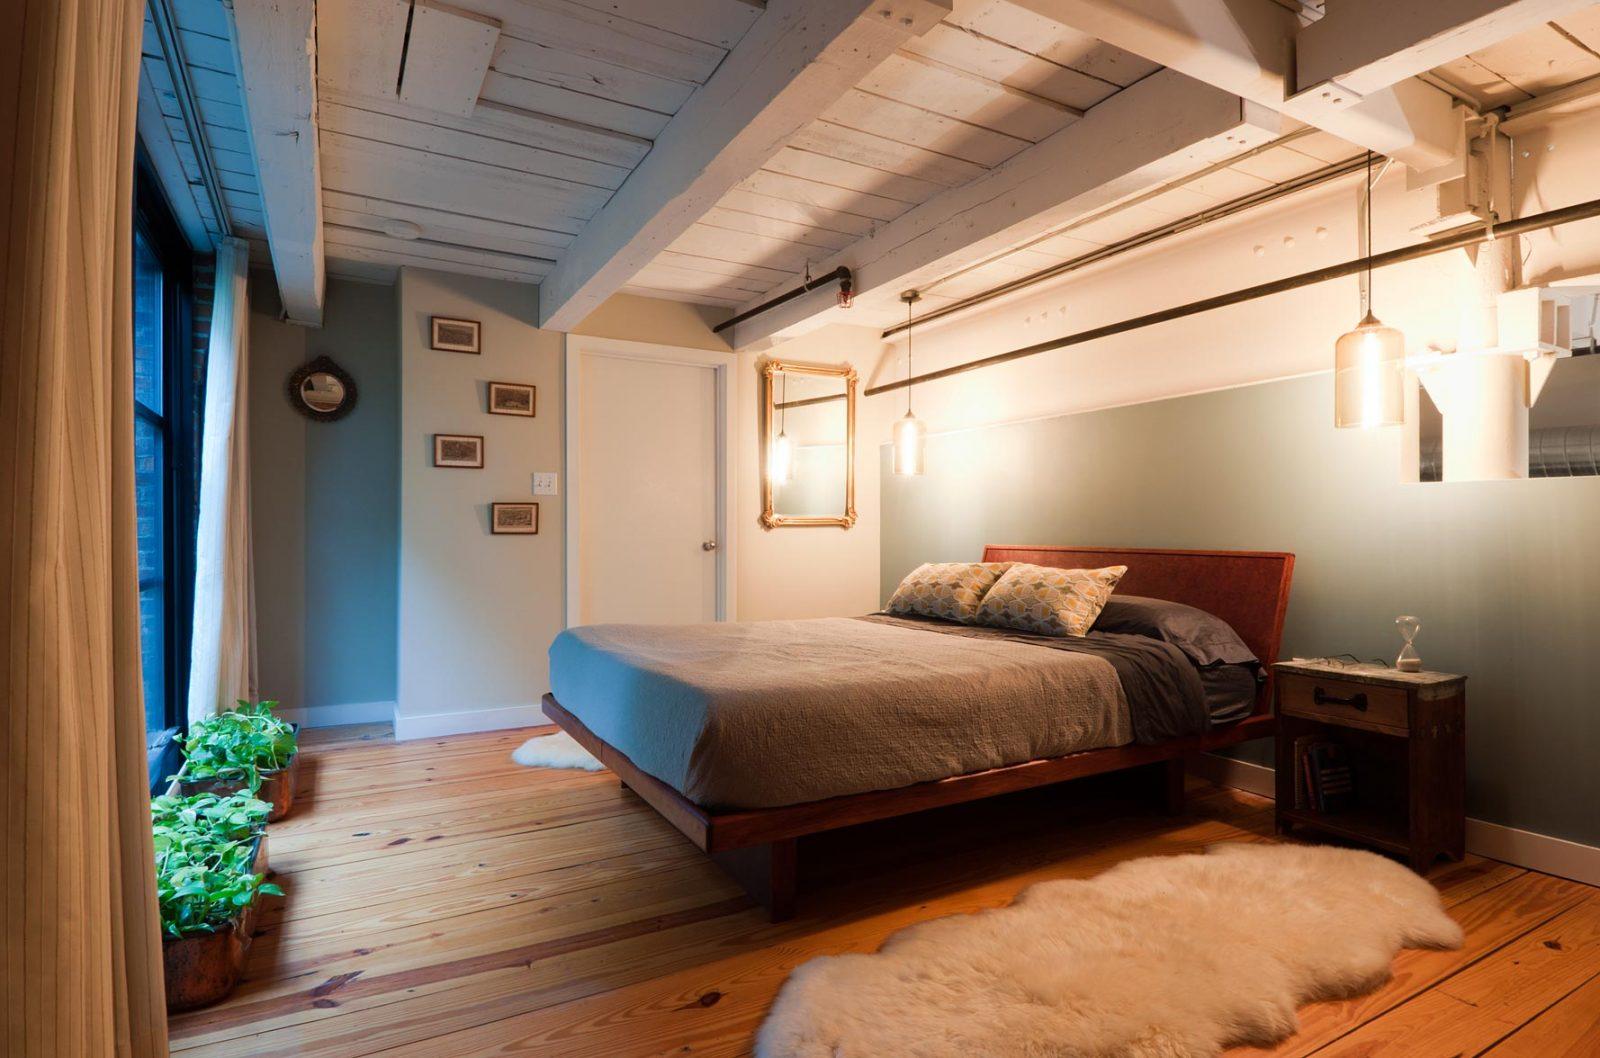 Dormitorio con techos de madera im genes y fotos for Ideas para techos de madera